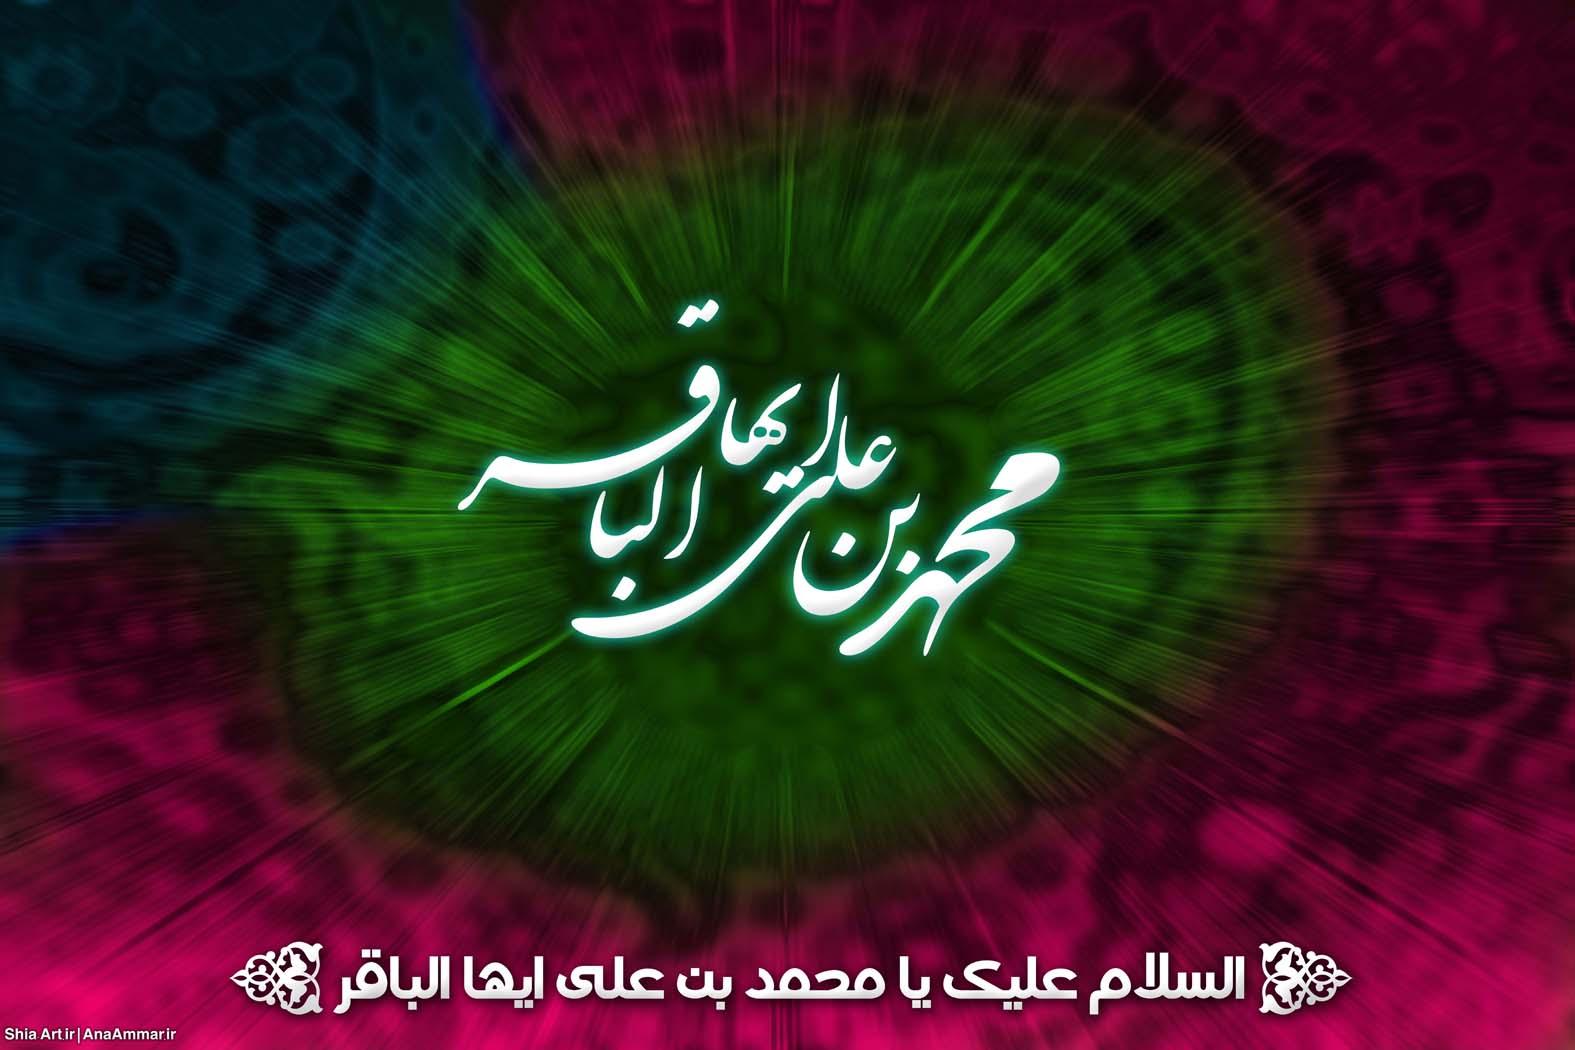 بنر و پوستر ولادت امام محمد باقر (ع) - قسمت سوم